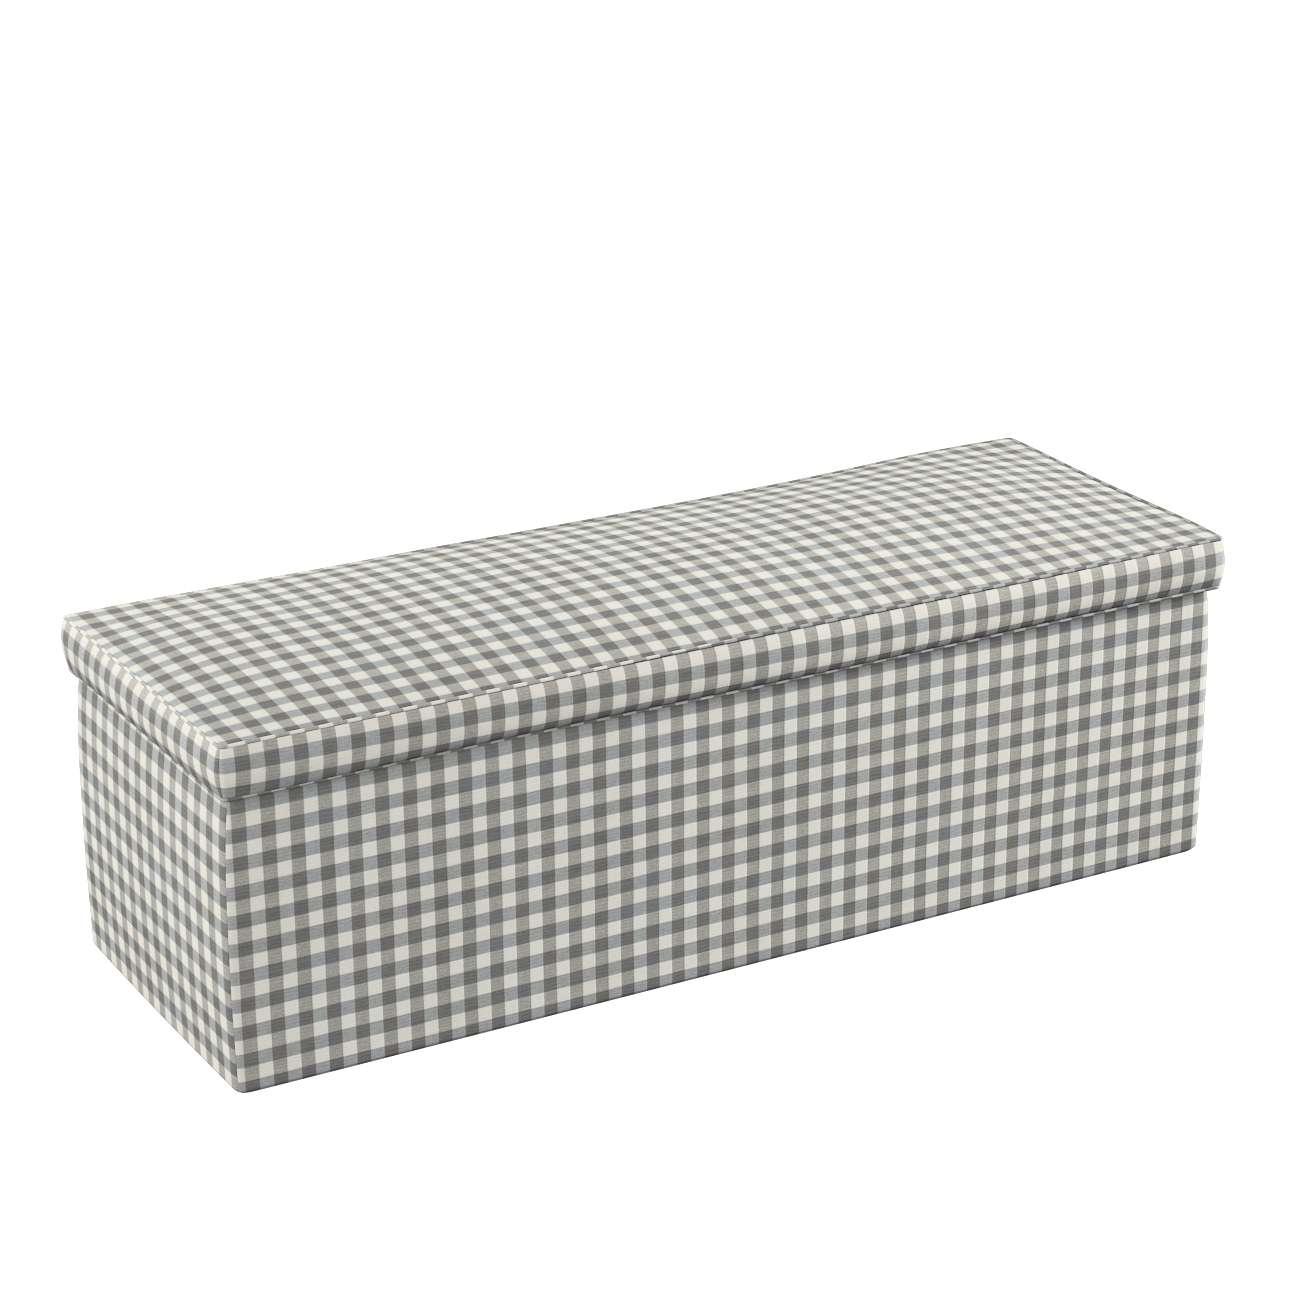 Čalouněná skříň s volbou látky - 2 velikosti v kolekci Quadro, látka: 136-11